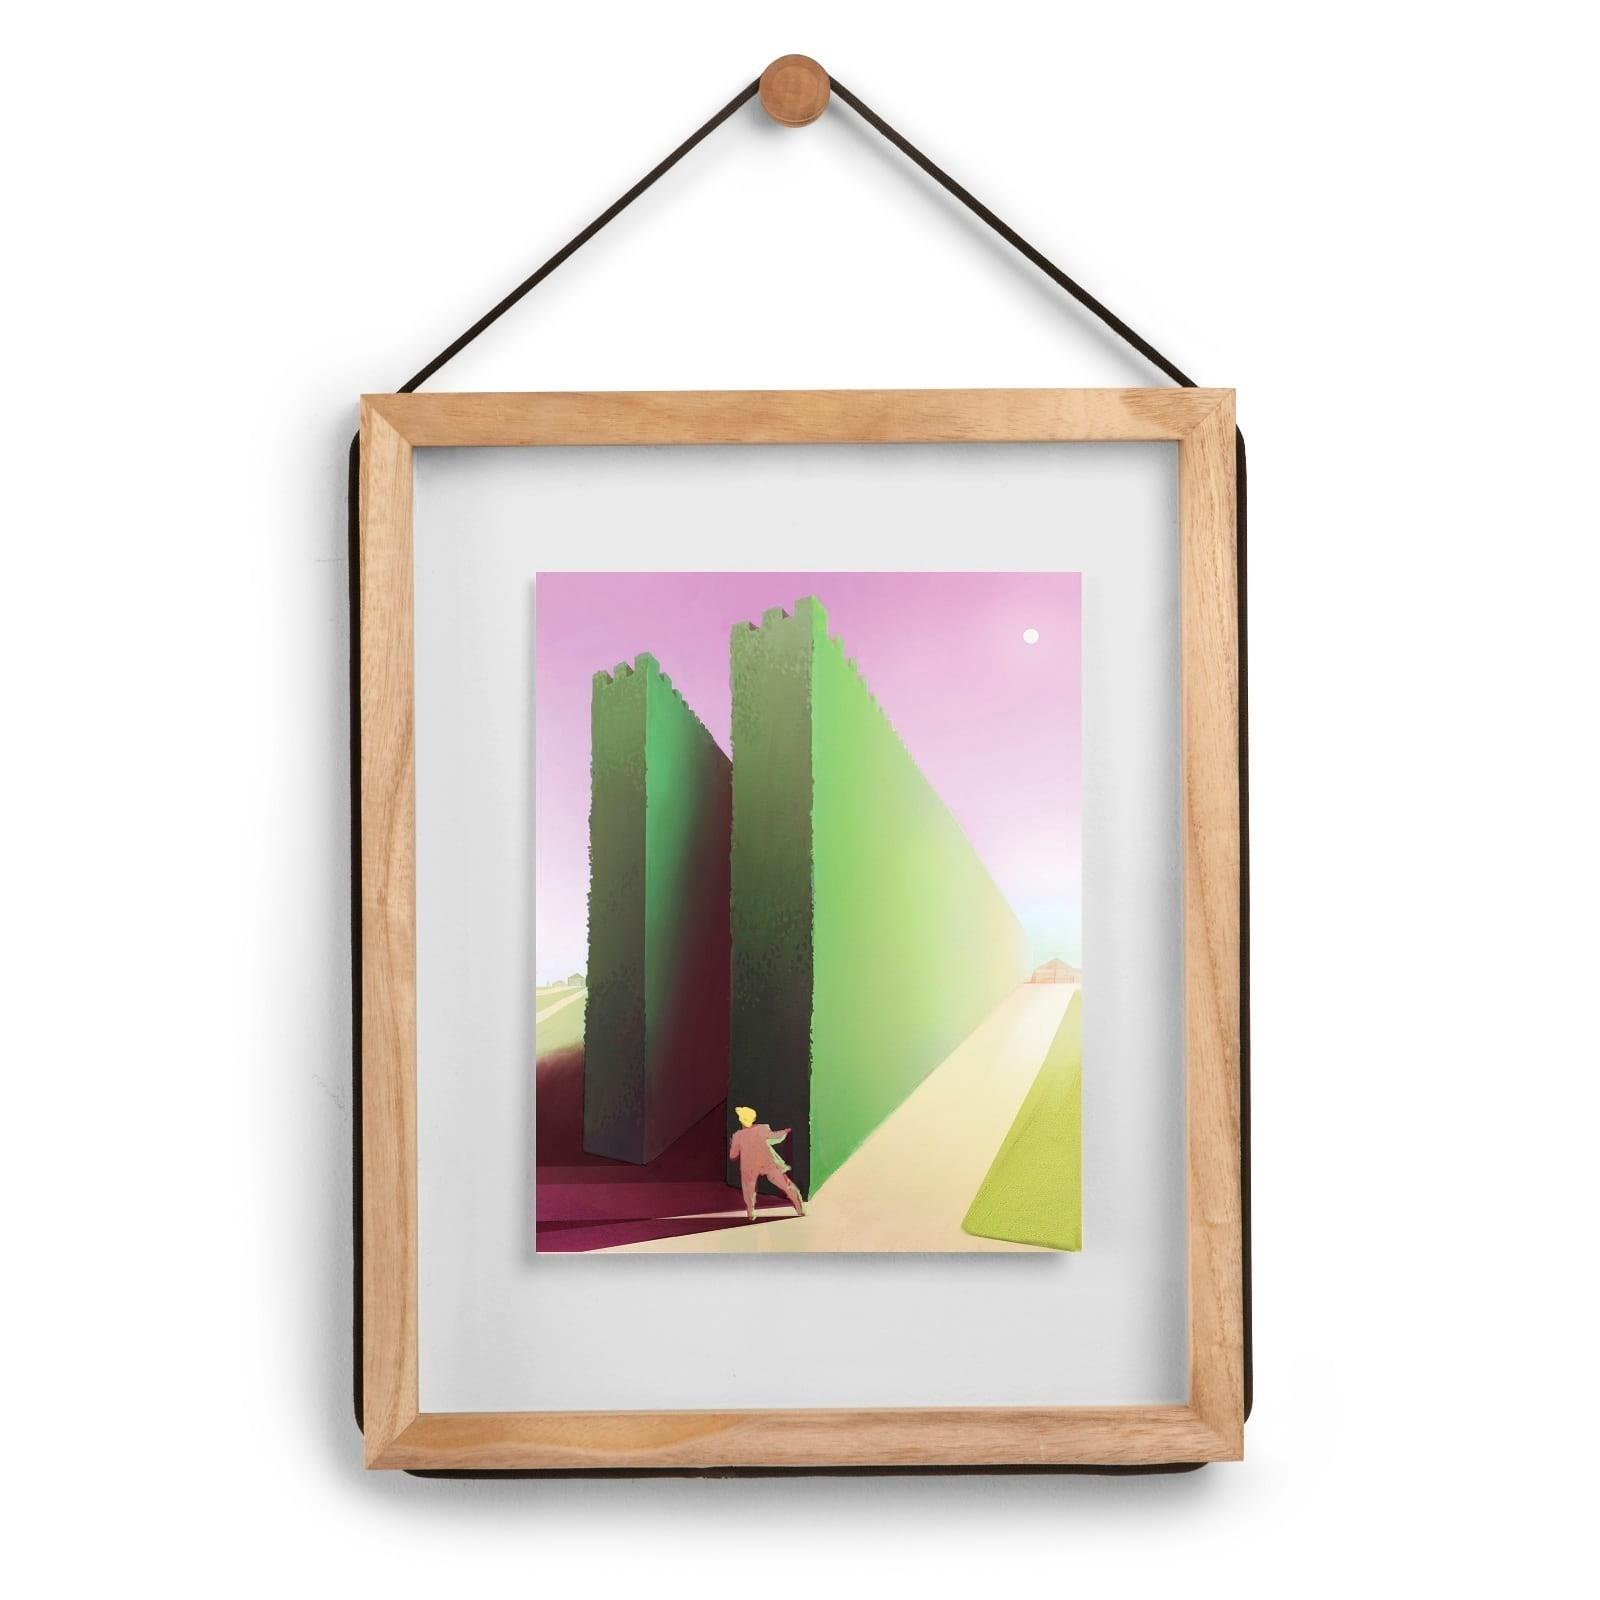 Κορνίζα Τοίχου Corda (Φυσικό Ξύλο) - Umbra